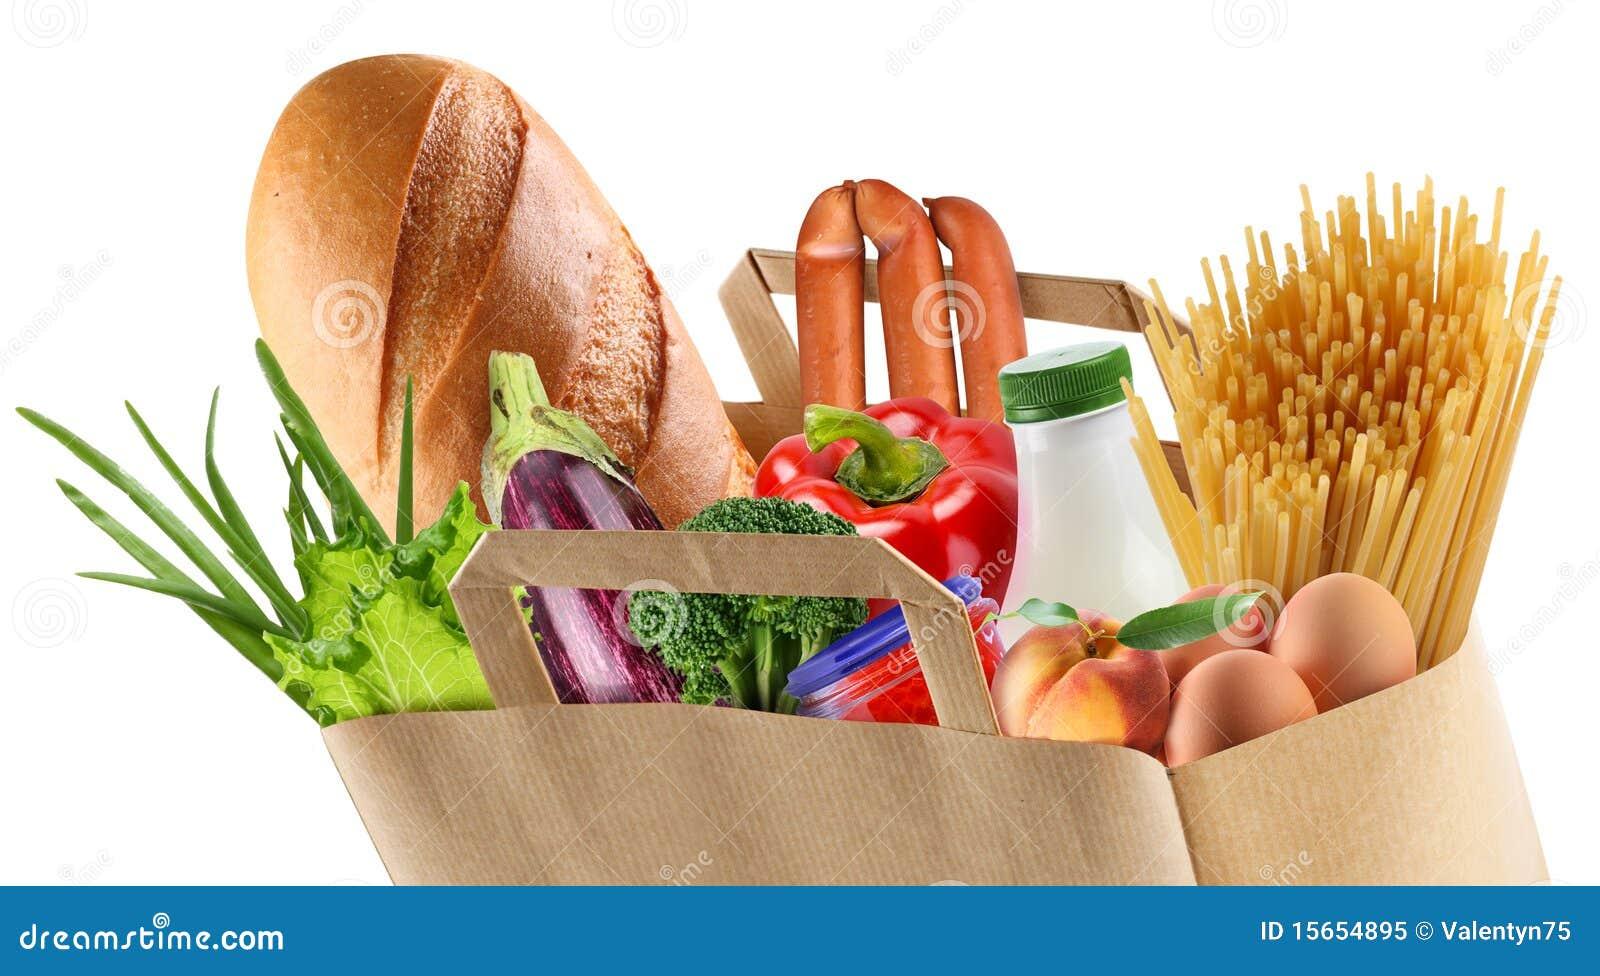 袋子食物纸张